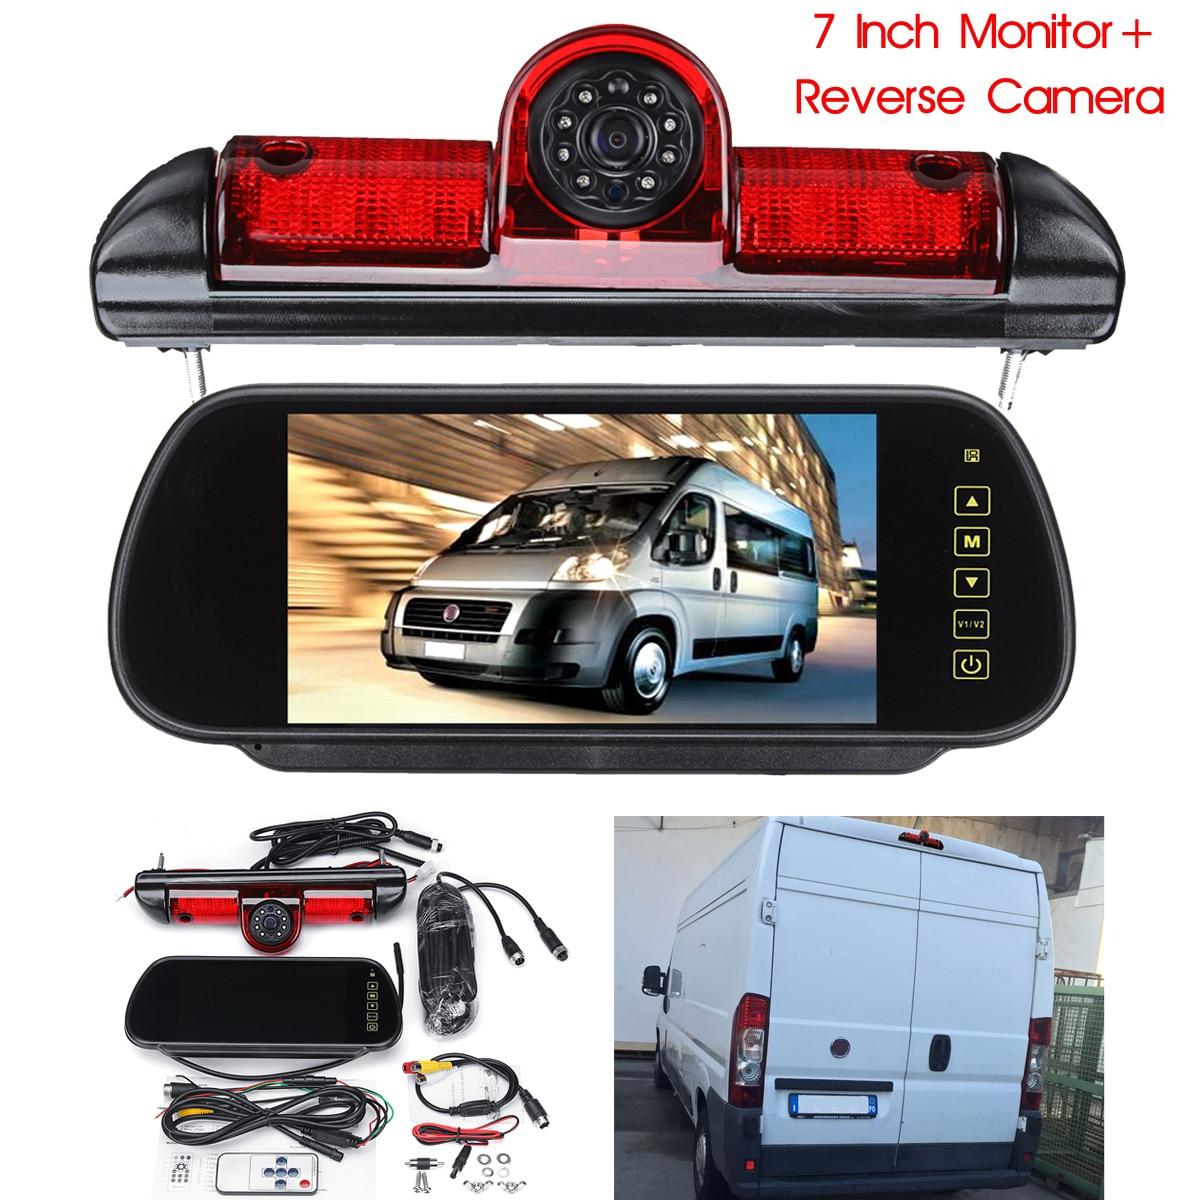 7 LED Moniteur + Inversion de Sauvegarde Caméra Arrière w/Lumière De Frein Pour Fiat Ducato pour Peugeot Boxer pour Citroen Relais